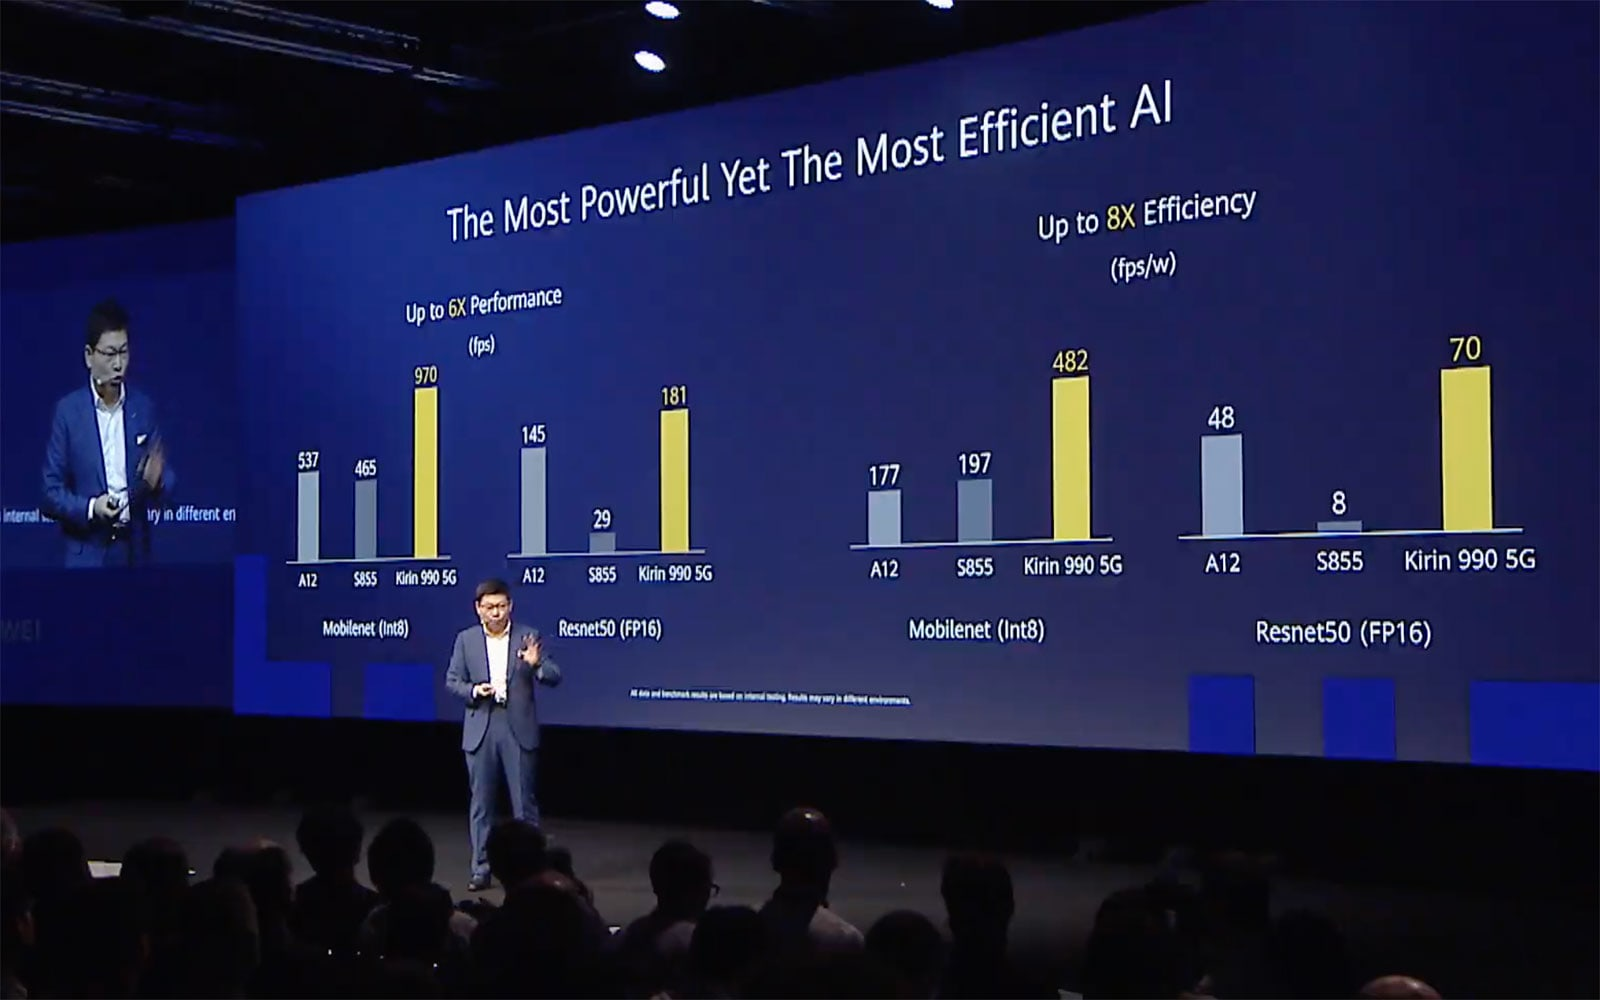 Huawei Kirin 990 5G AI